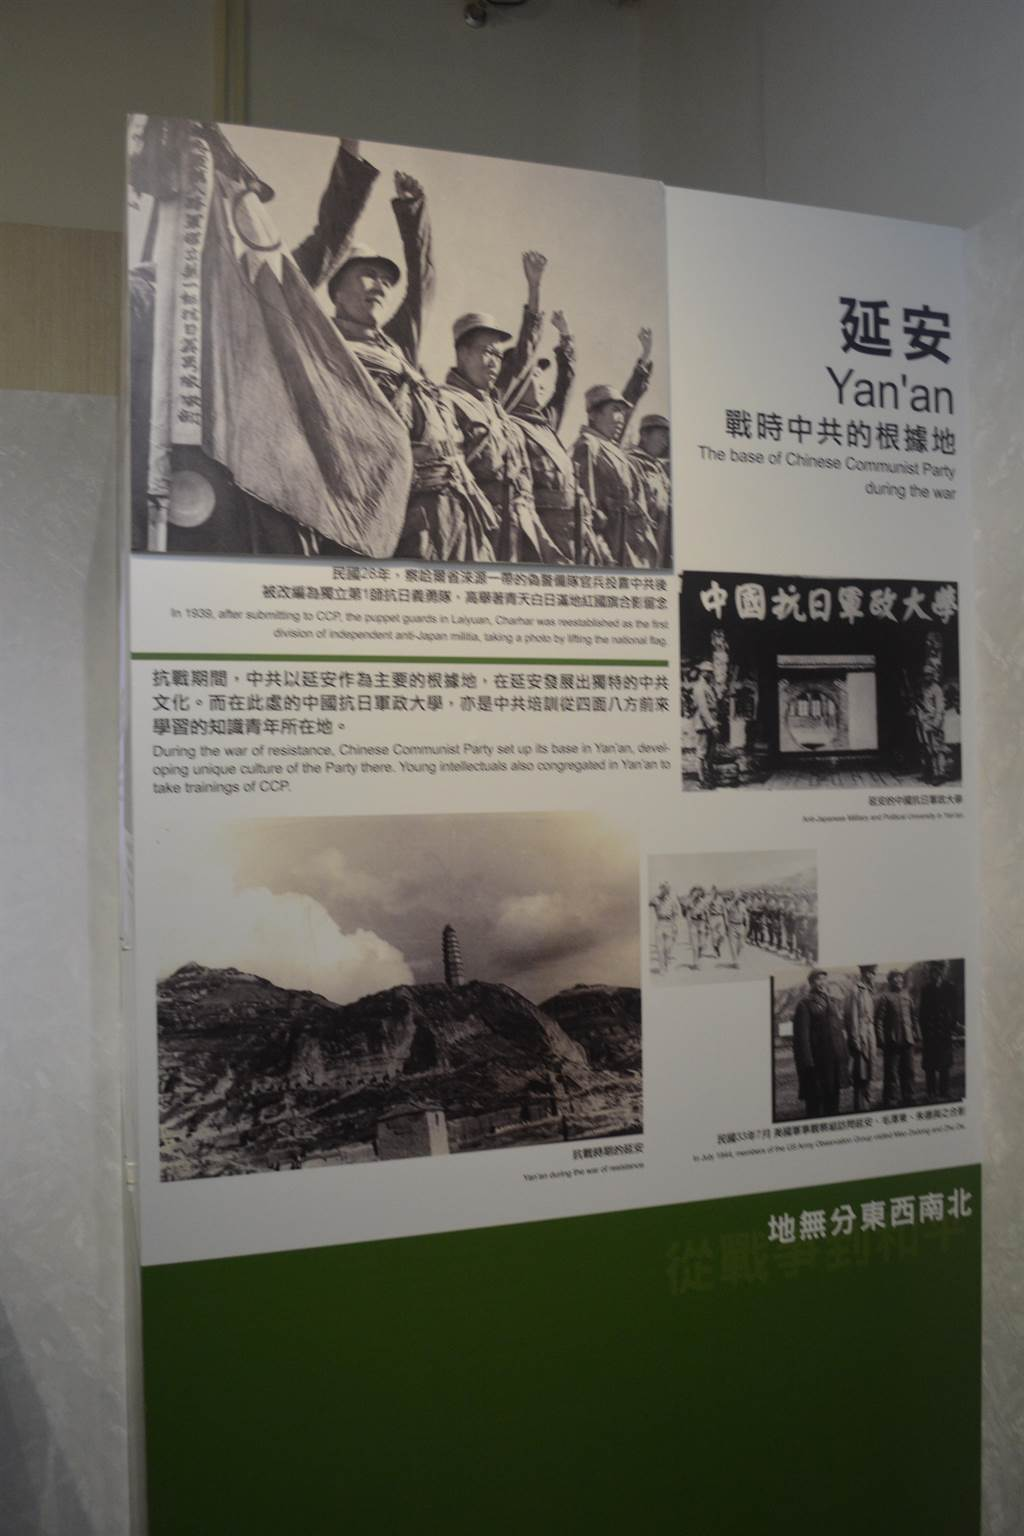 在今年舉辦的「從戰爭到和平:抗戰勝利暨台灣光復七十週年紀念特展」中,國史館特別為以延安為根據地的中共設置了展示區塊,以突顯政府還原歷史真相的決心。(許劍虹)